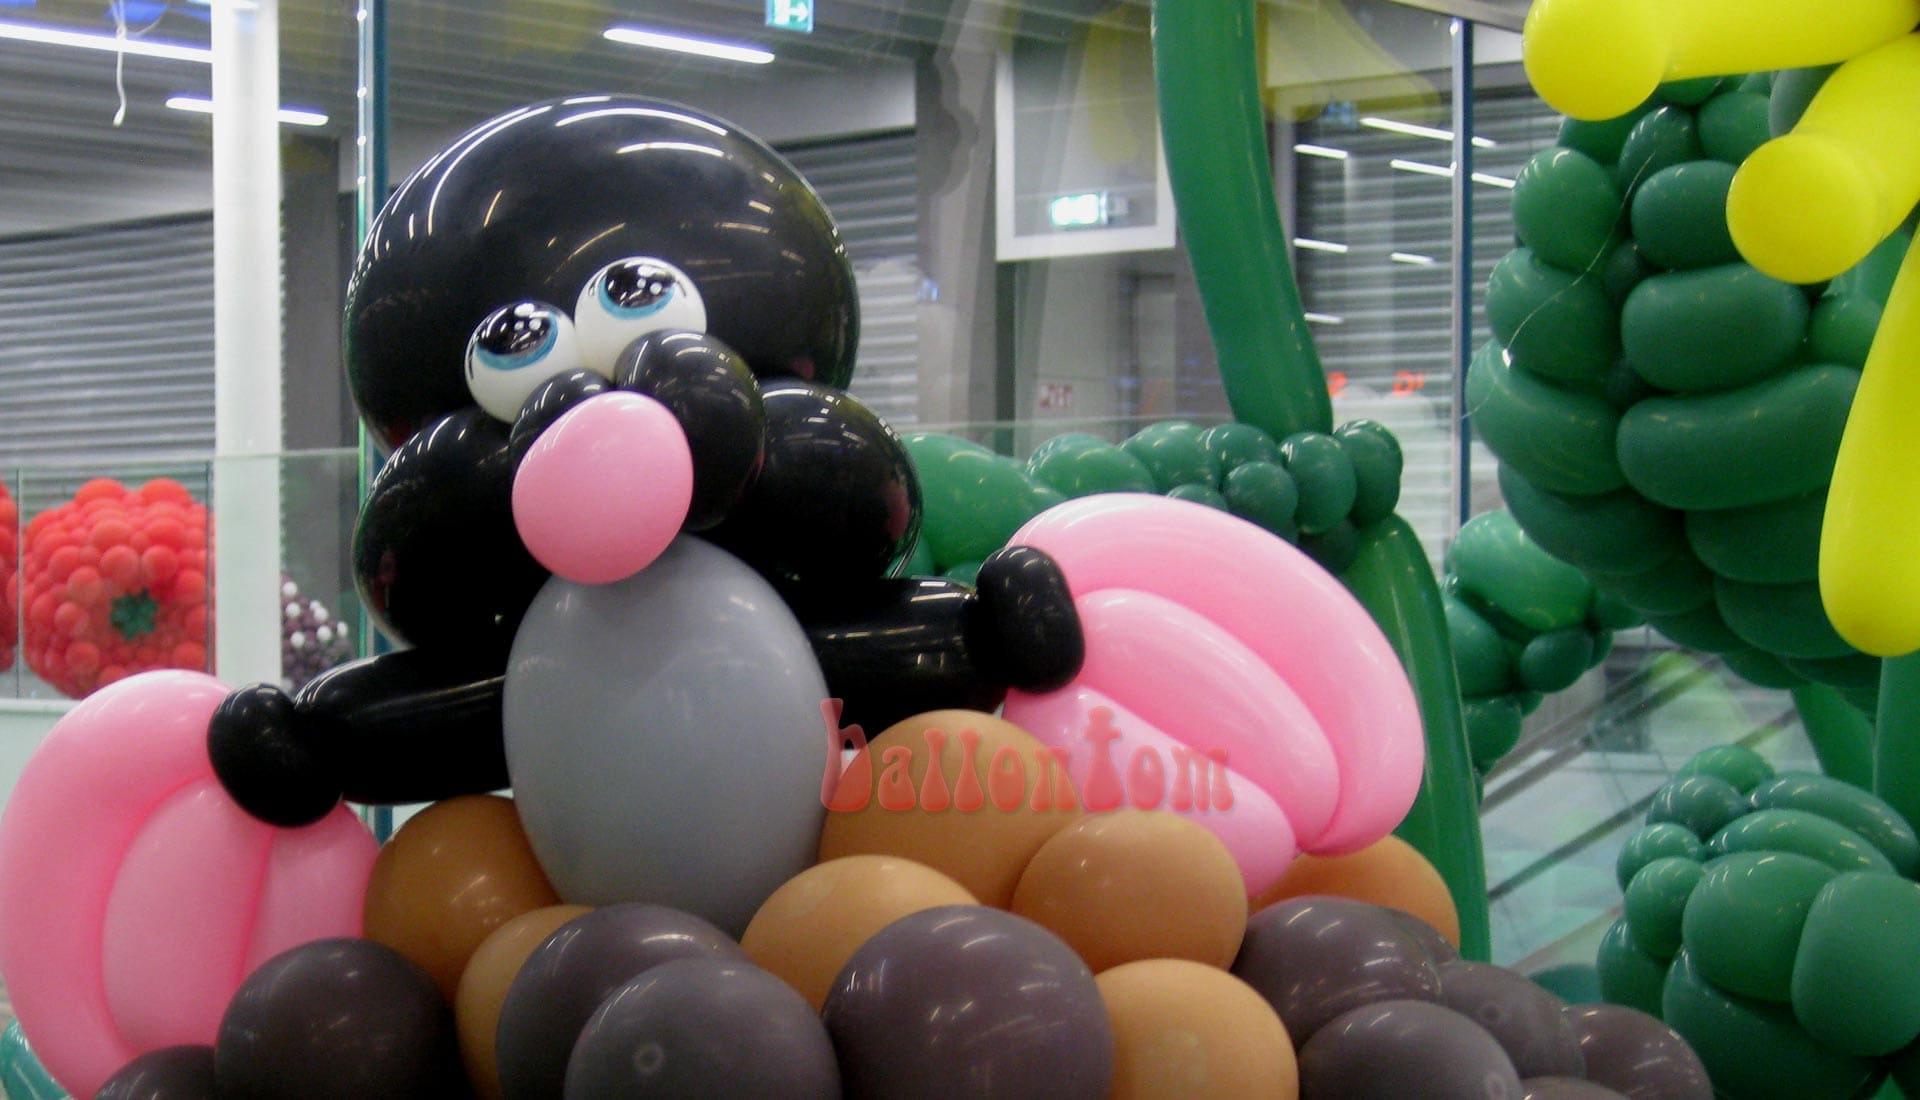 Ballonwelt Lausanne - Schweiz - Maulwurf - Projekt: Canniballoon Team Didier Dvorak - Unterstützt durch ballontom